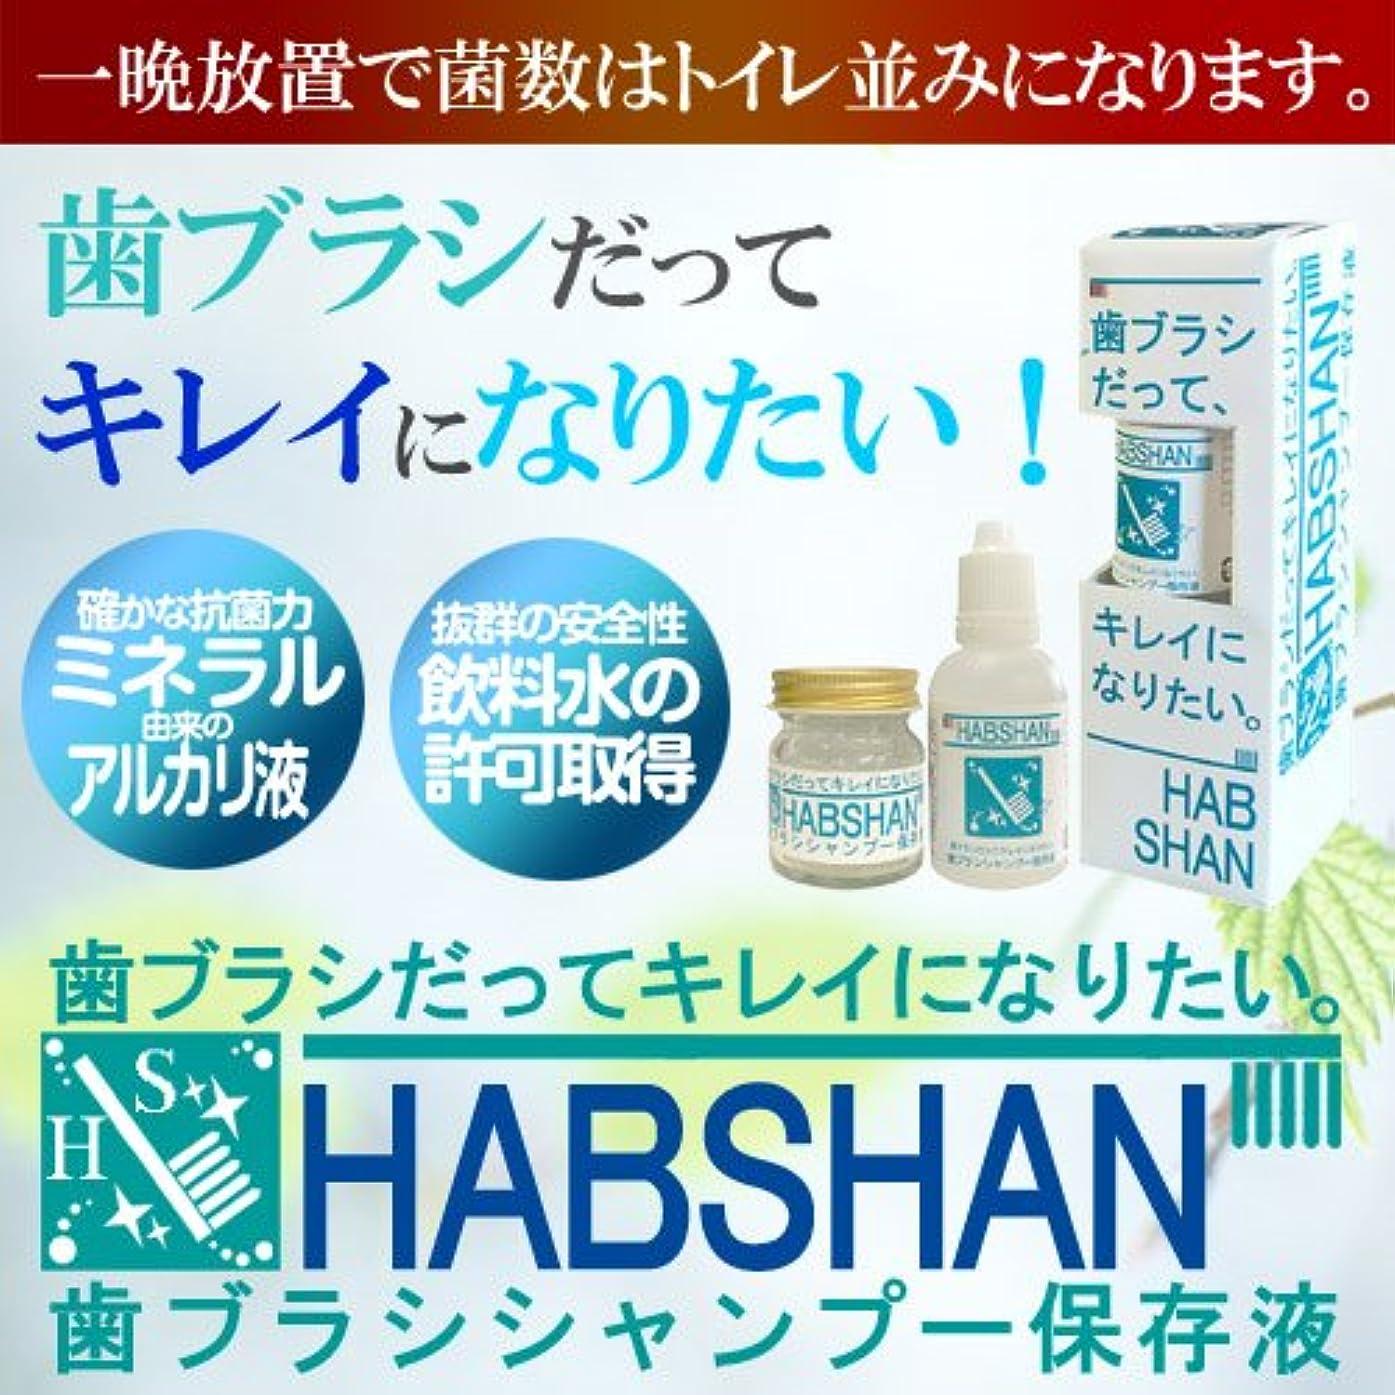 着替える形容詞前任者HABSHAN ハブシャン 歯ブラシ 洗浄 汚れ 菌 ケア 綺麗 臭い 匂い におい ニオイ 保存液 手入れ